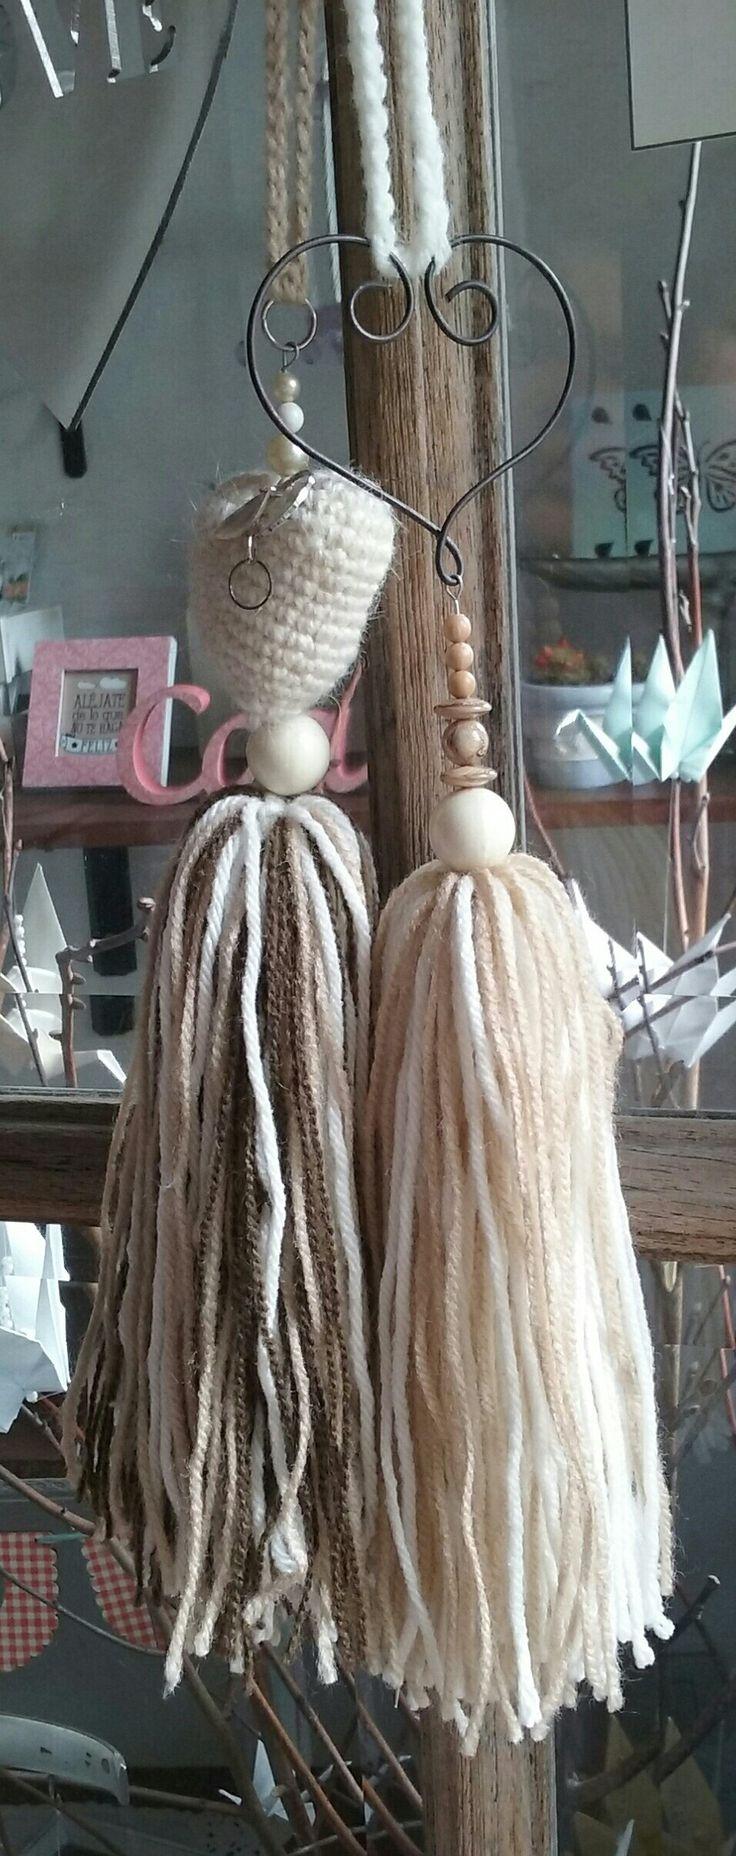 Borlas de lana con corazon en crochet y corazon de alambre. Como sujeta cortinas o puerteros